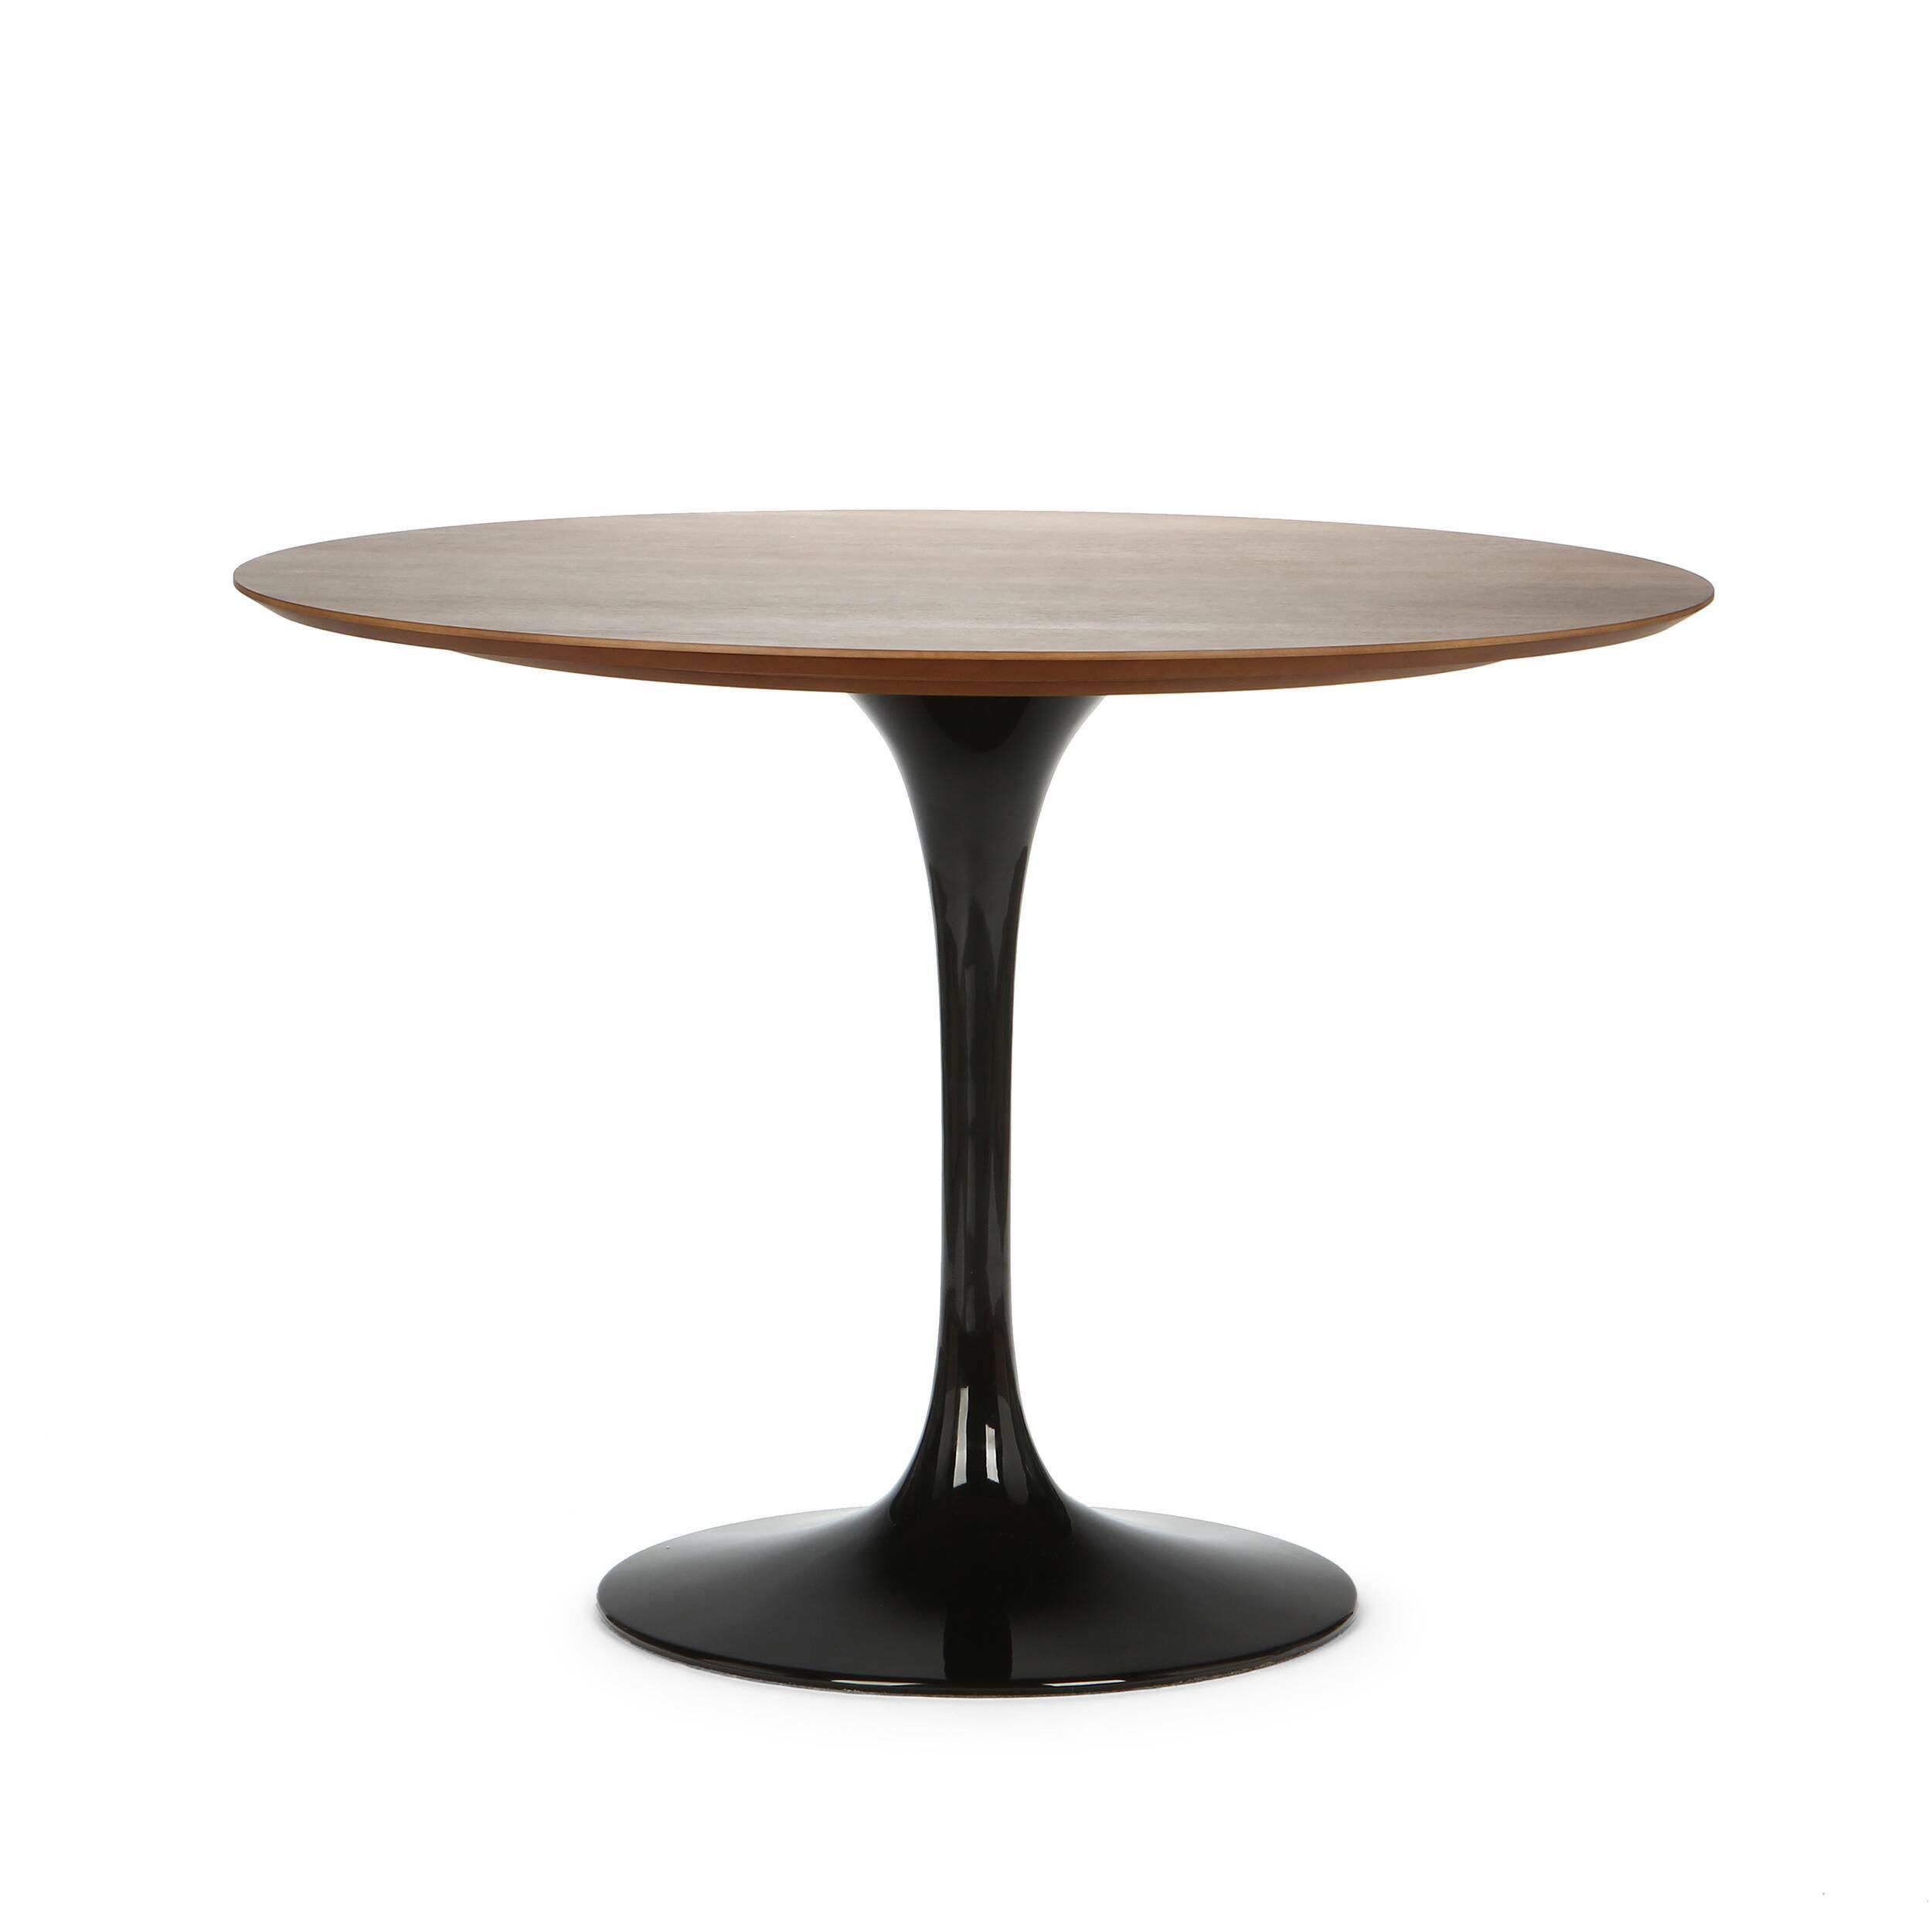 Купить Стол обеденный круглый DT6131D new, Cosmo